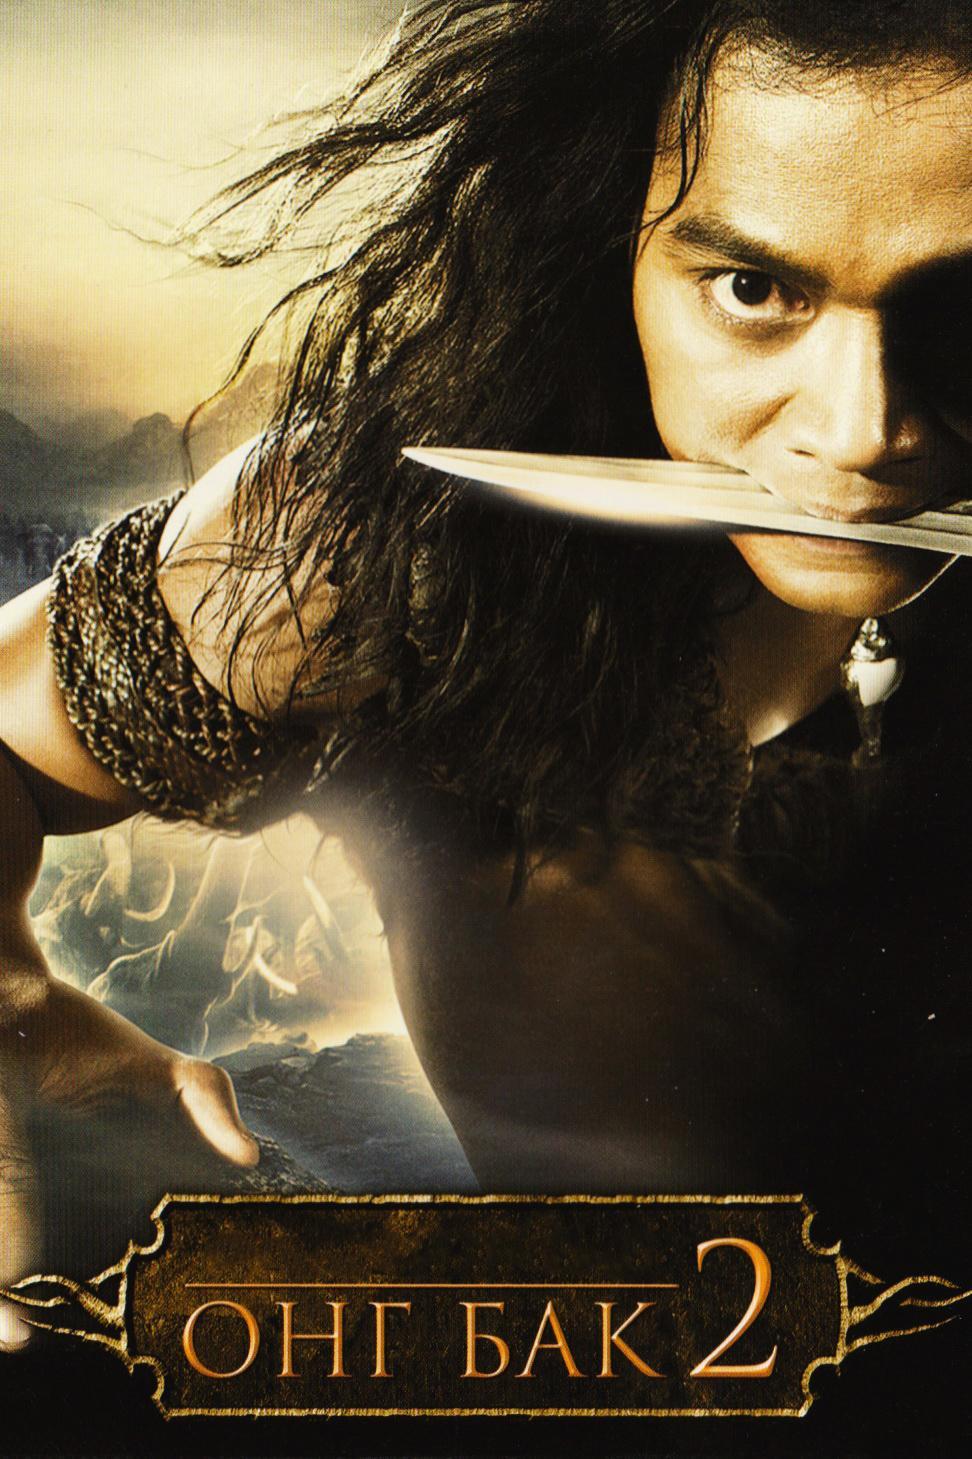 В последующих частях фильма не было ни интересного сюжета, ни зрелищных боев